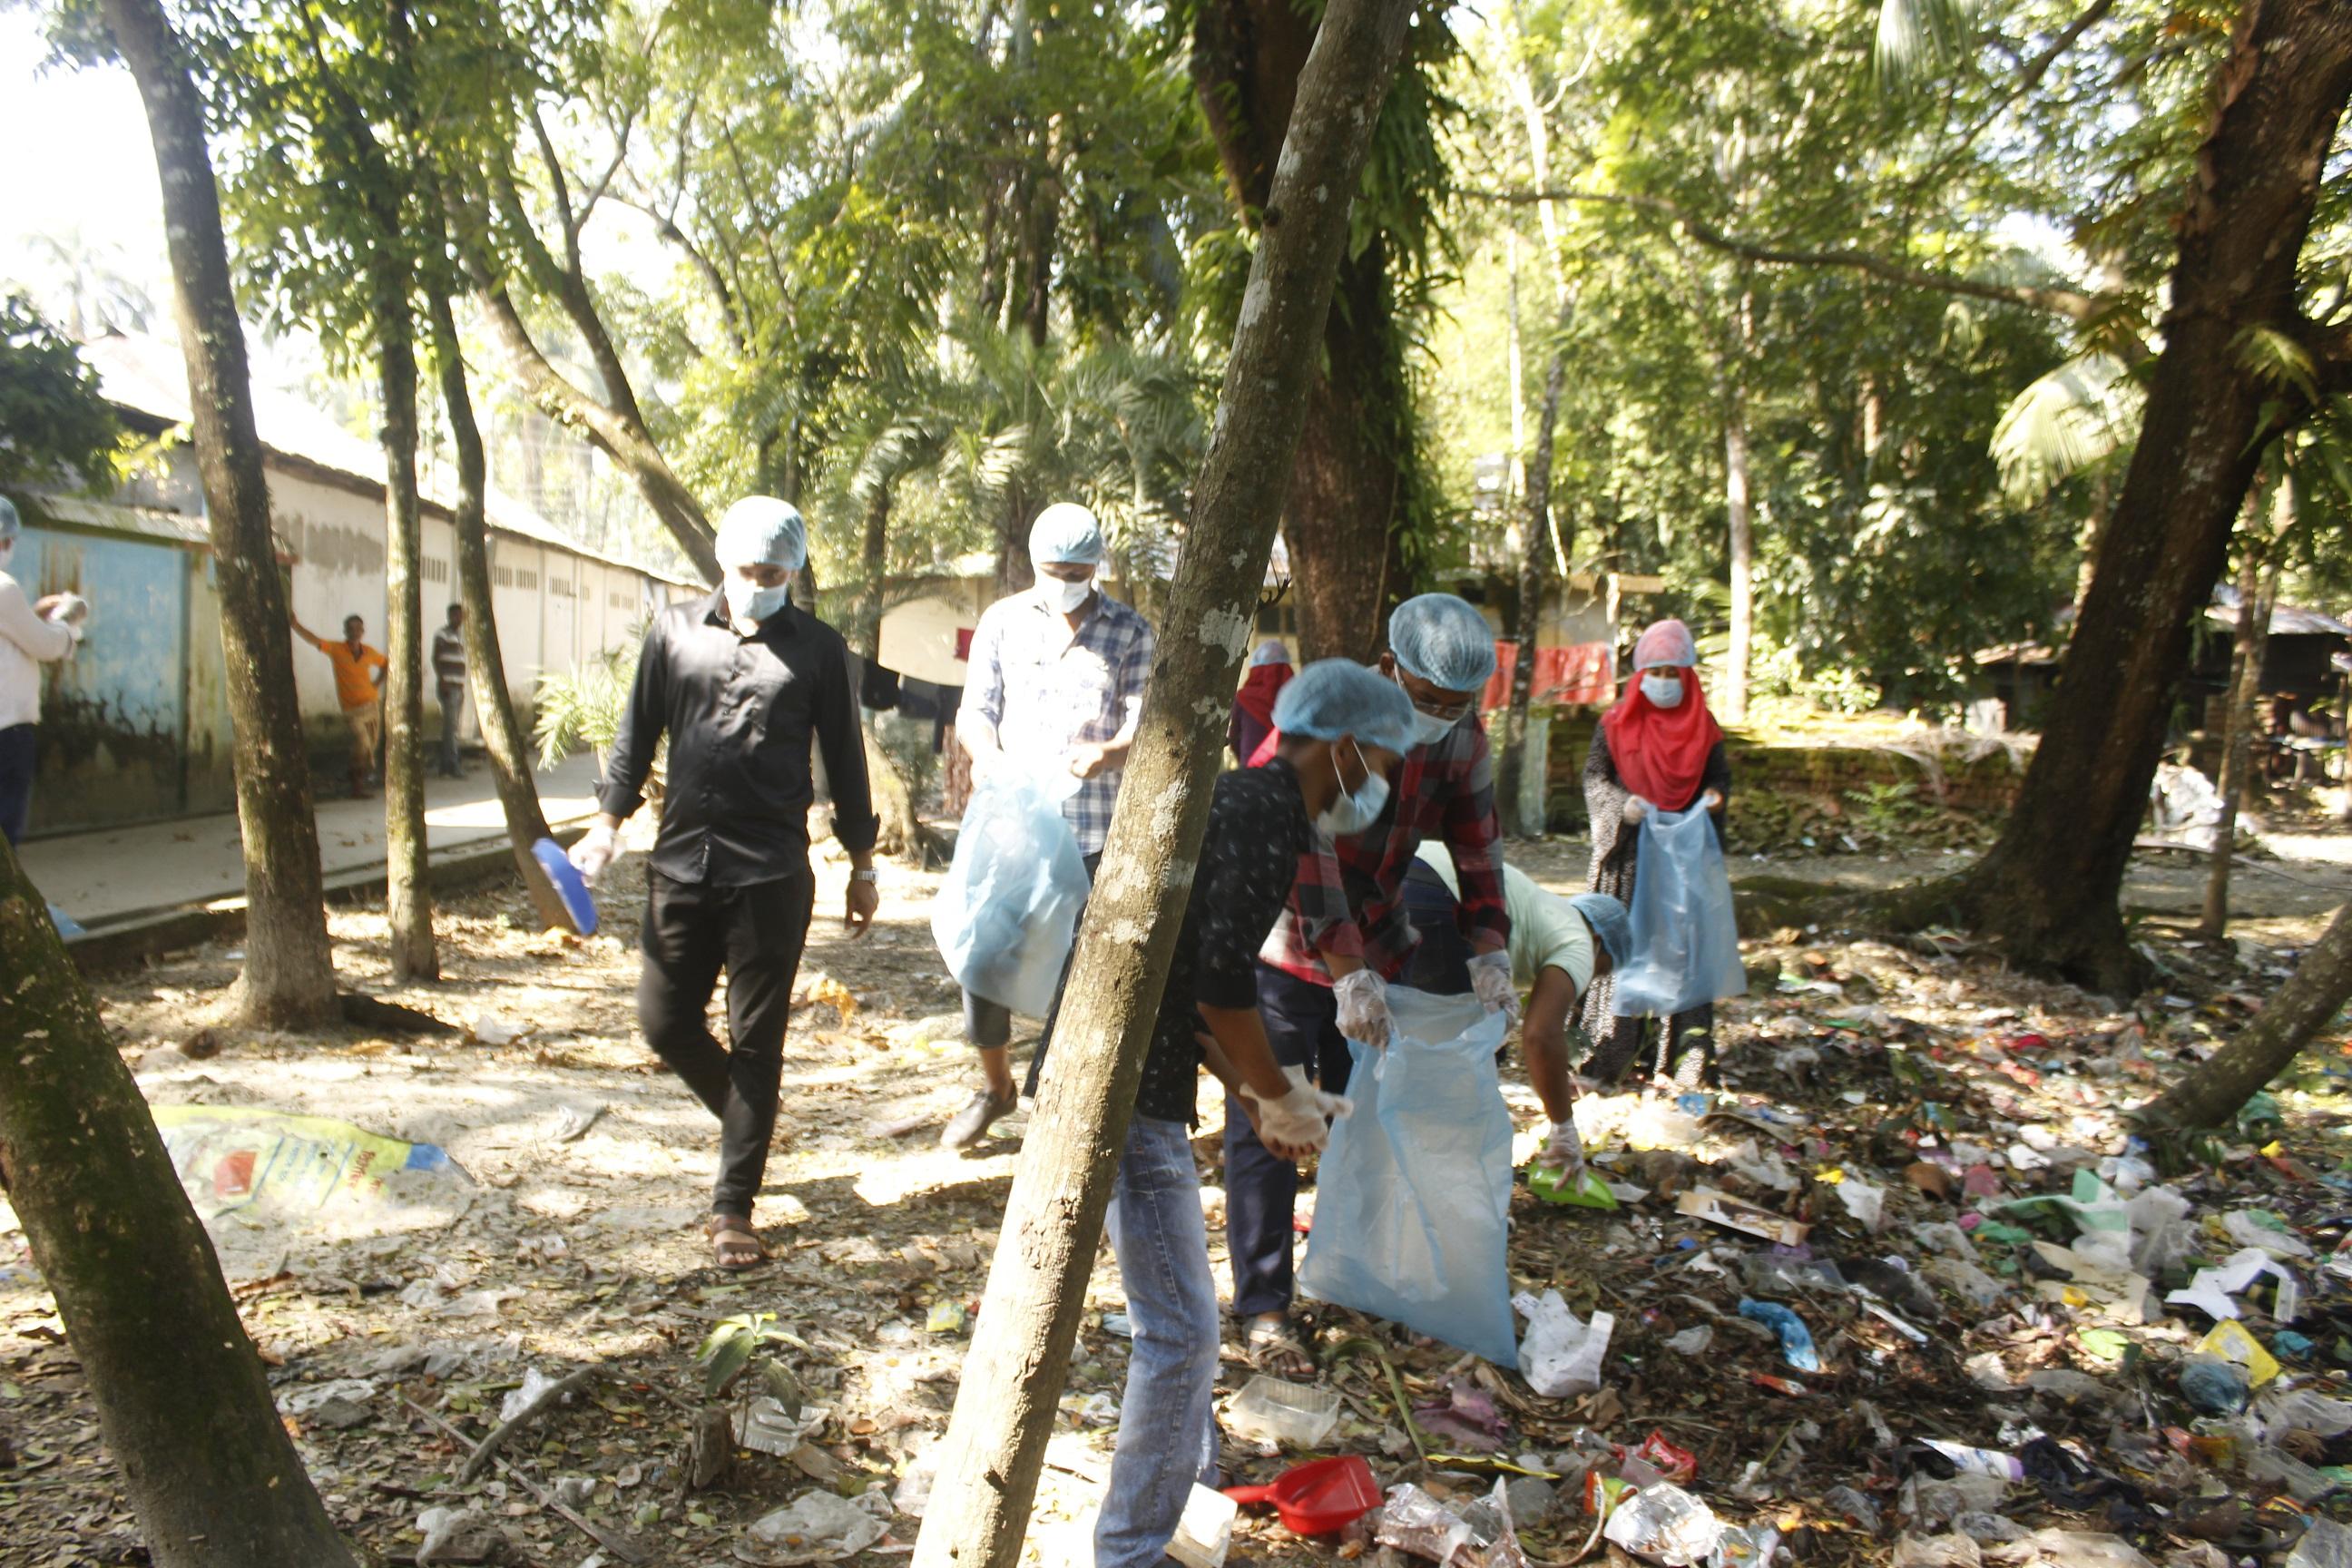 পরিচ্ছন্নতা অভিযানের মধ্য দিয়ে ভোলায় BD ক্লিনের যাত্রা